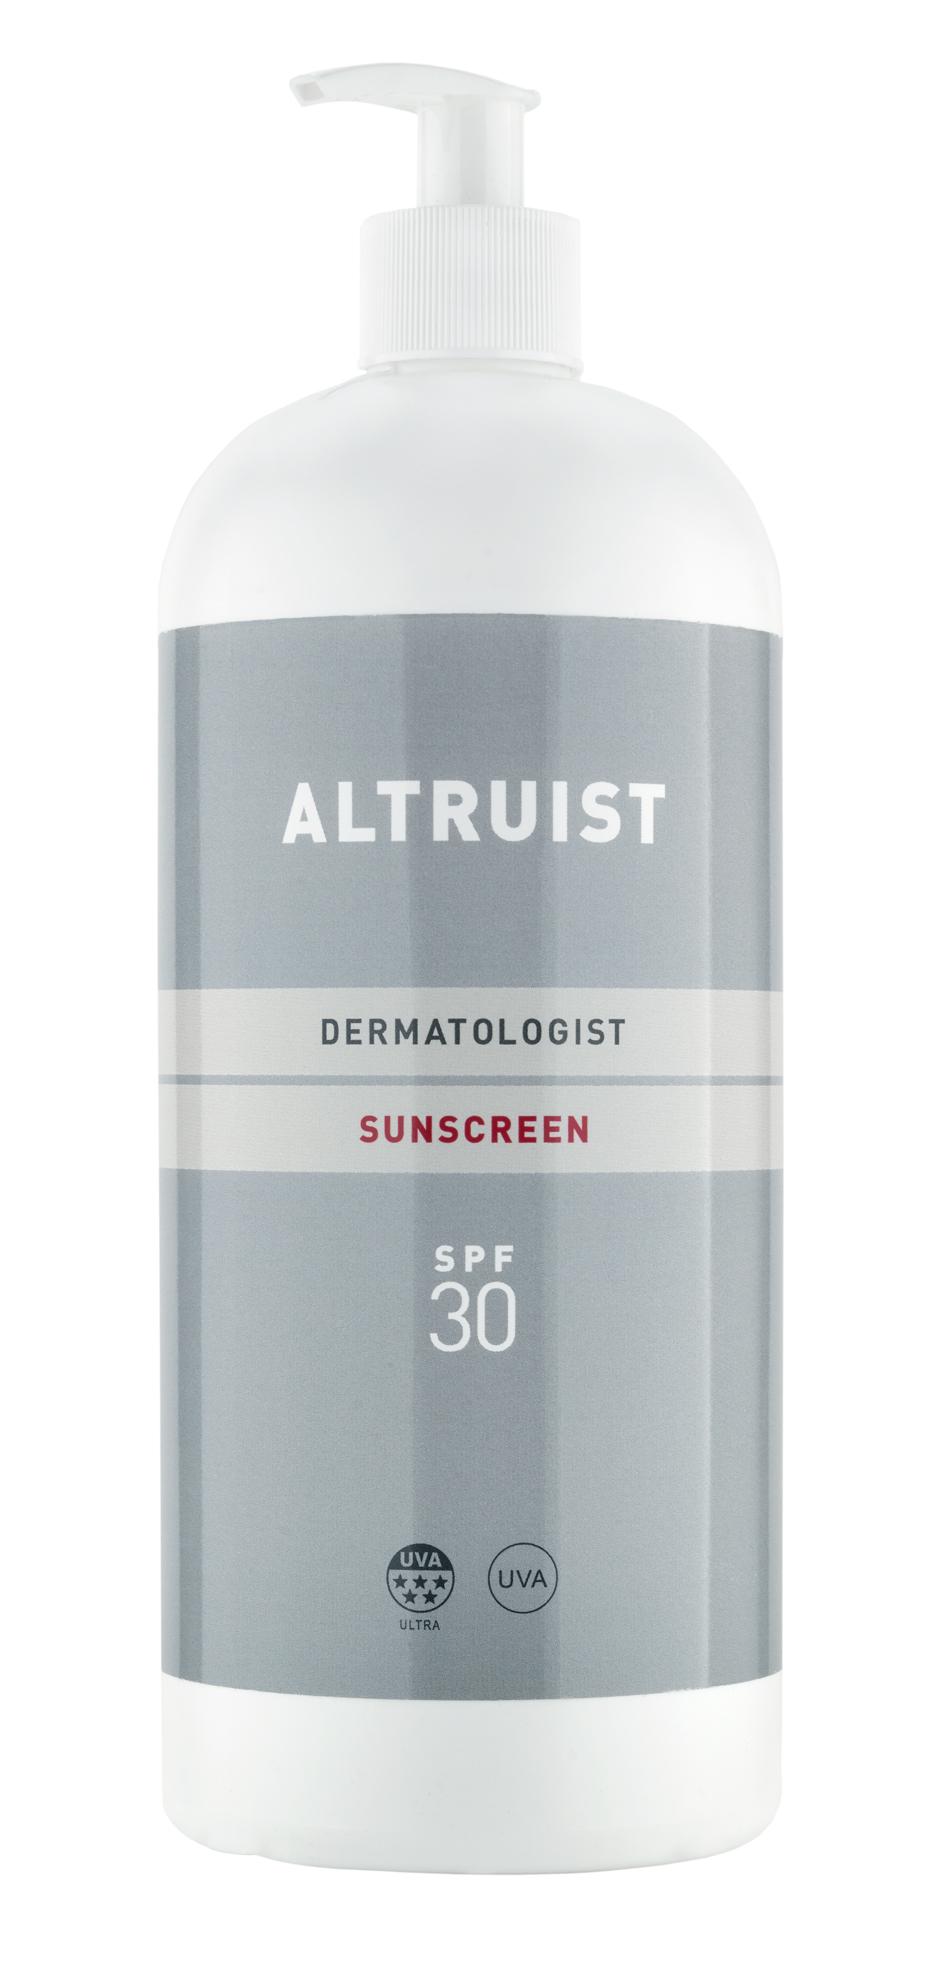 Altruist Dermatologist Sunscreen, zonnecrème met een missie